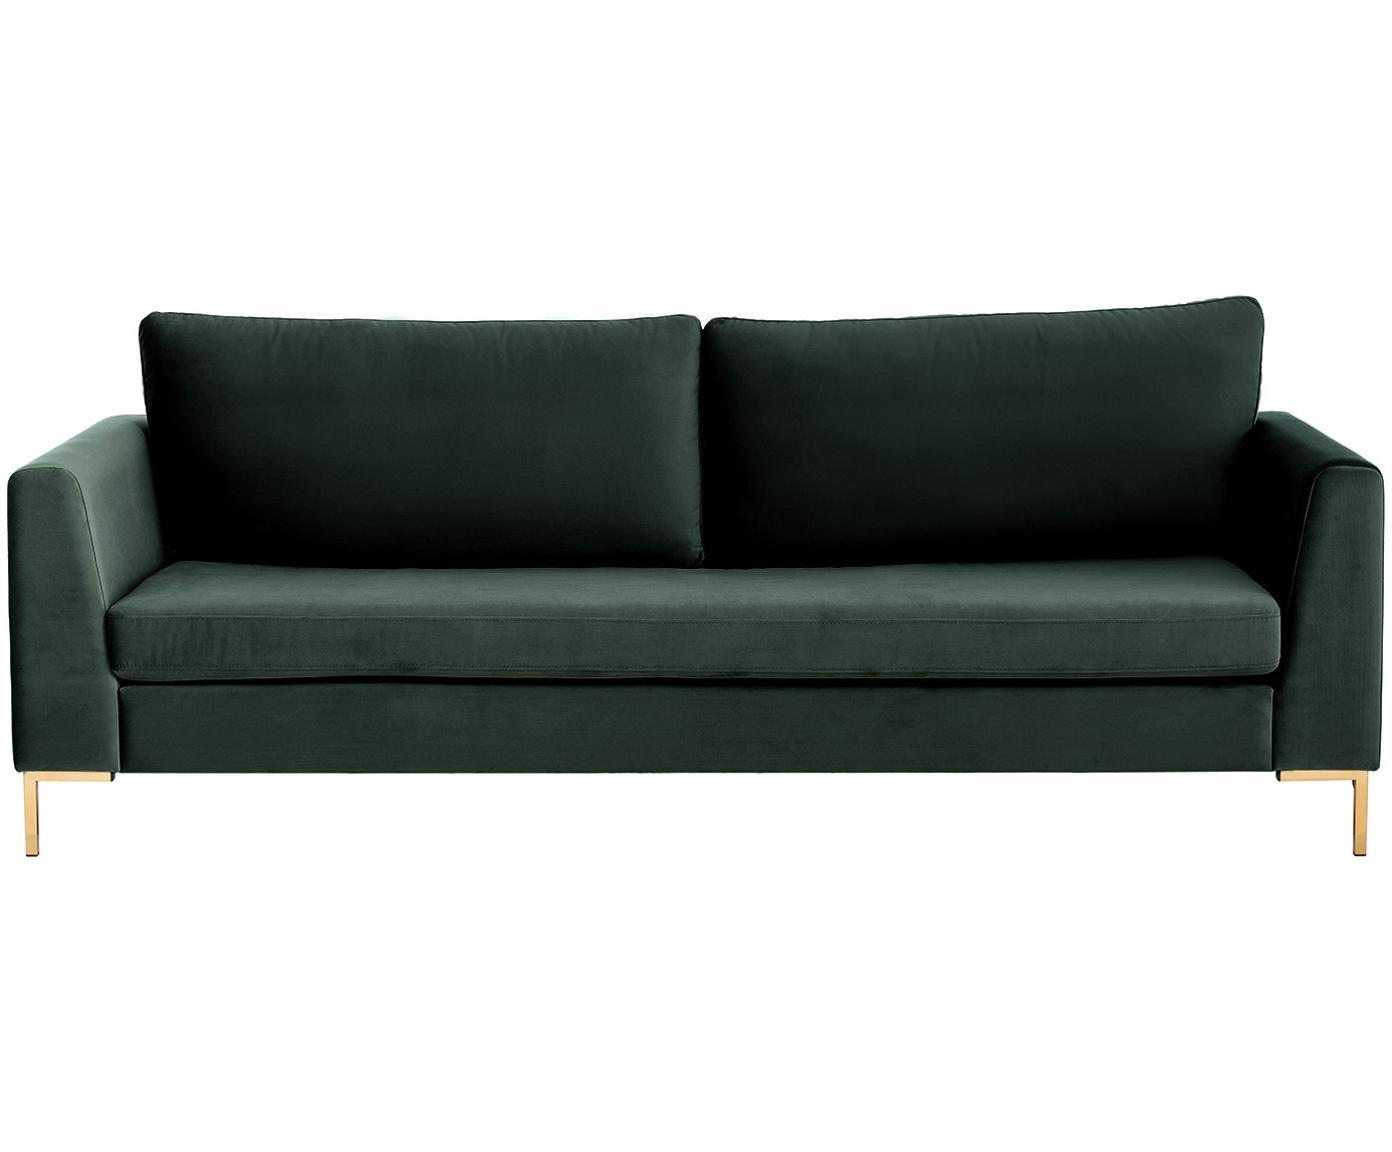 Sofa z aksamitu Luna (3-osobowa), Tapicerka: aksamit (poliester) 8000, Stelaż: lite drewno bukowe, Nogi: metal galwanizowany, Aksamitny ciemny zielony, złoty, S 230 x G 95 cm